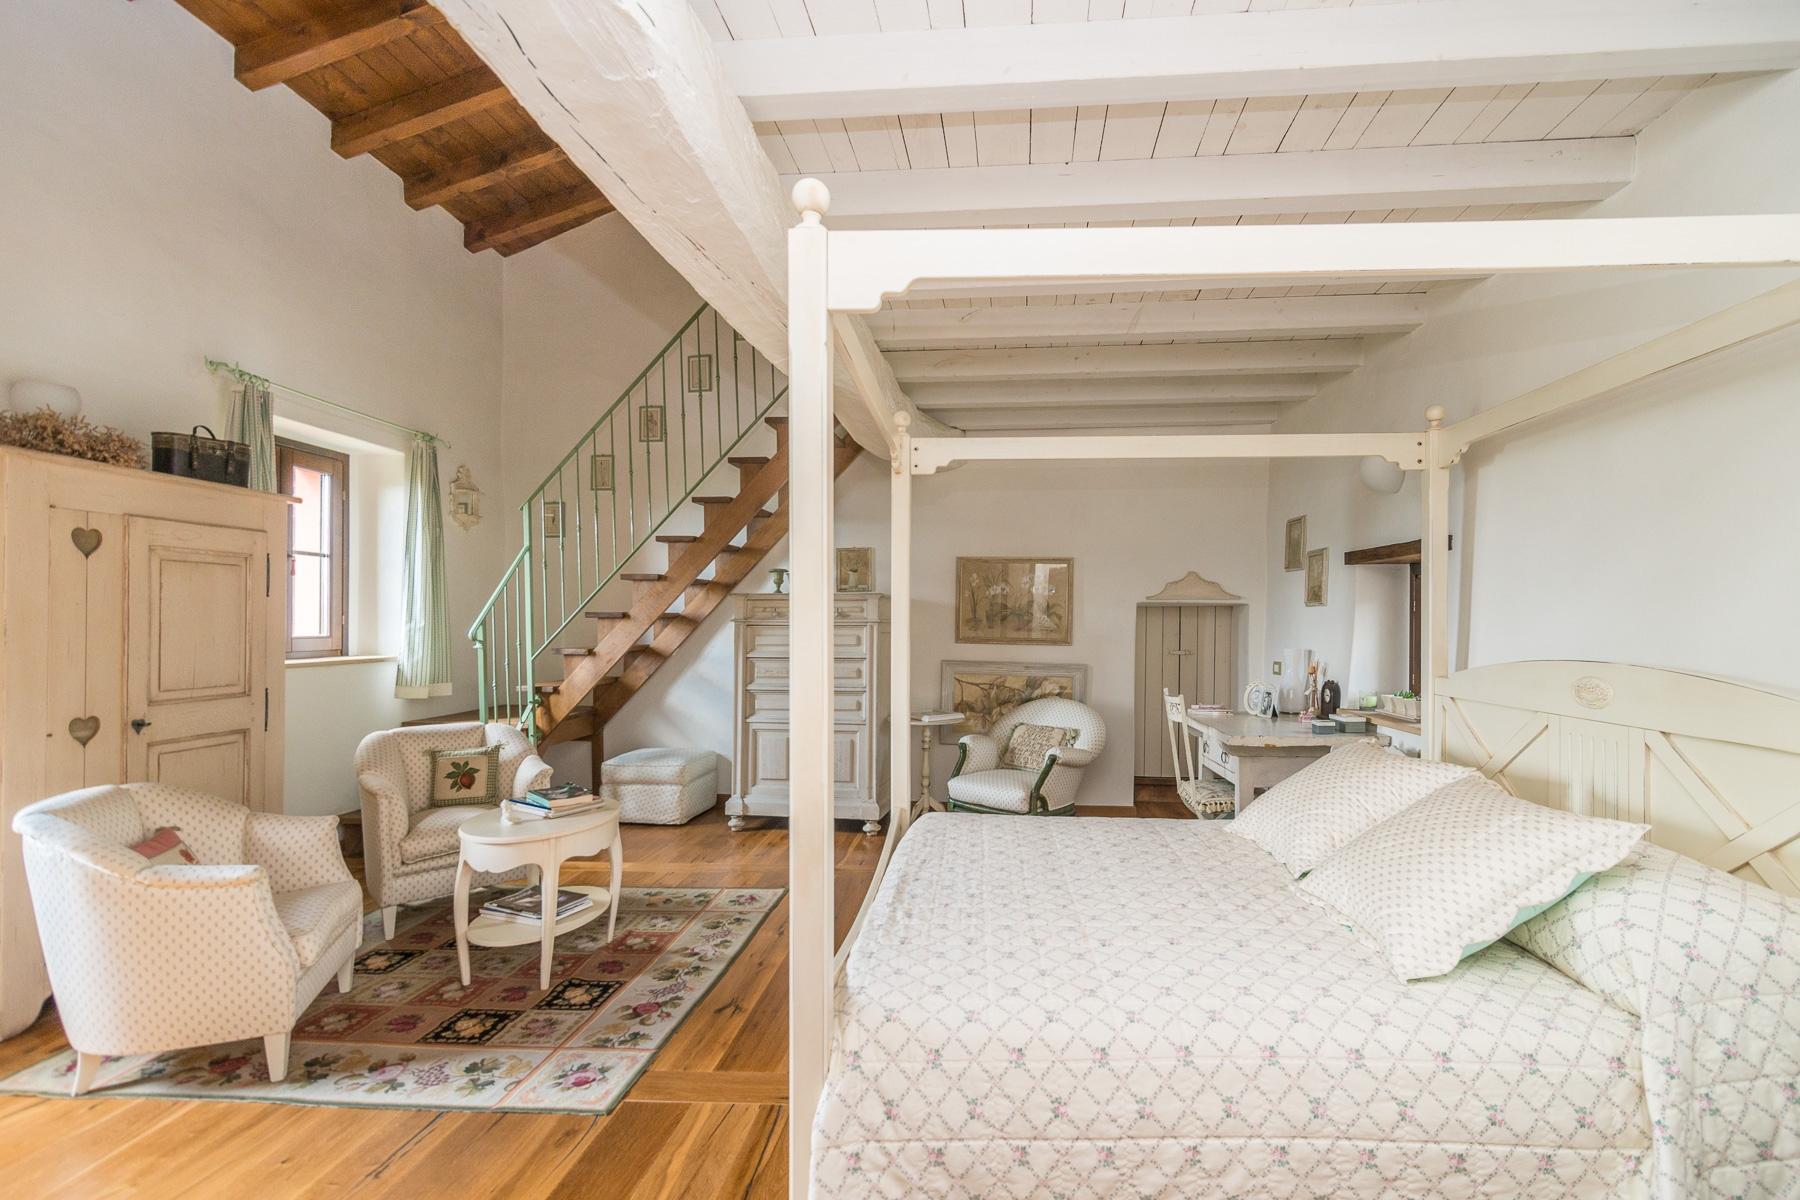 Casa indipendente in Vendita a Ziano Piacentino: 5 locali, 260 mq - Foto 24